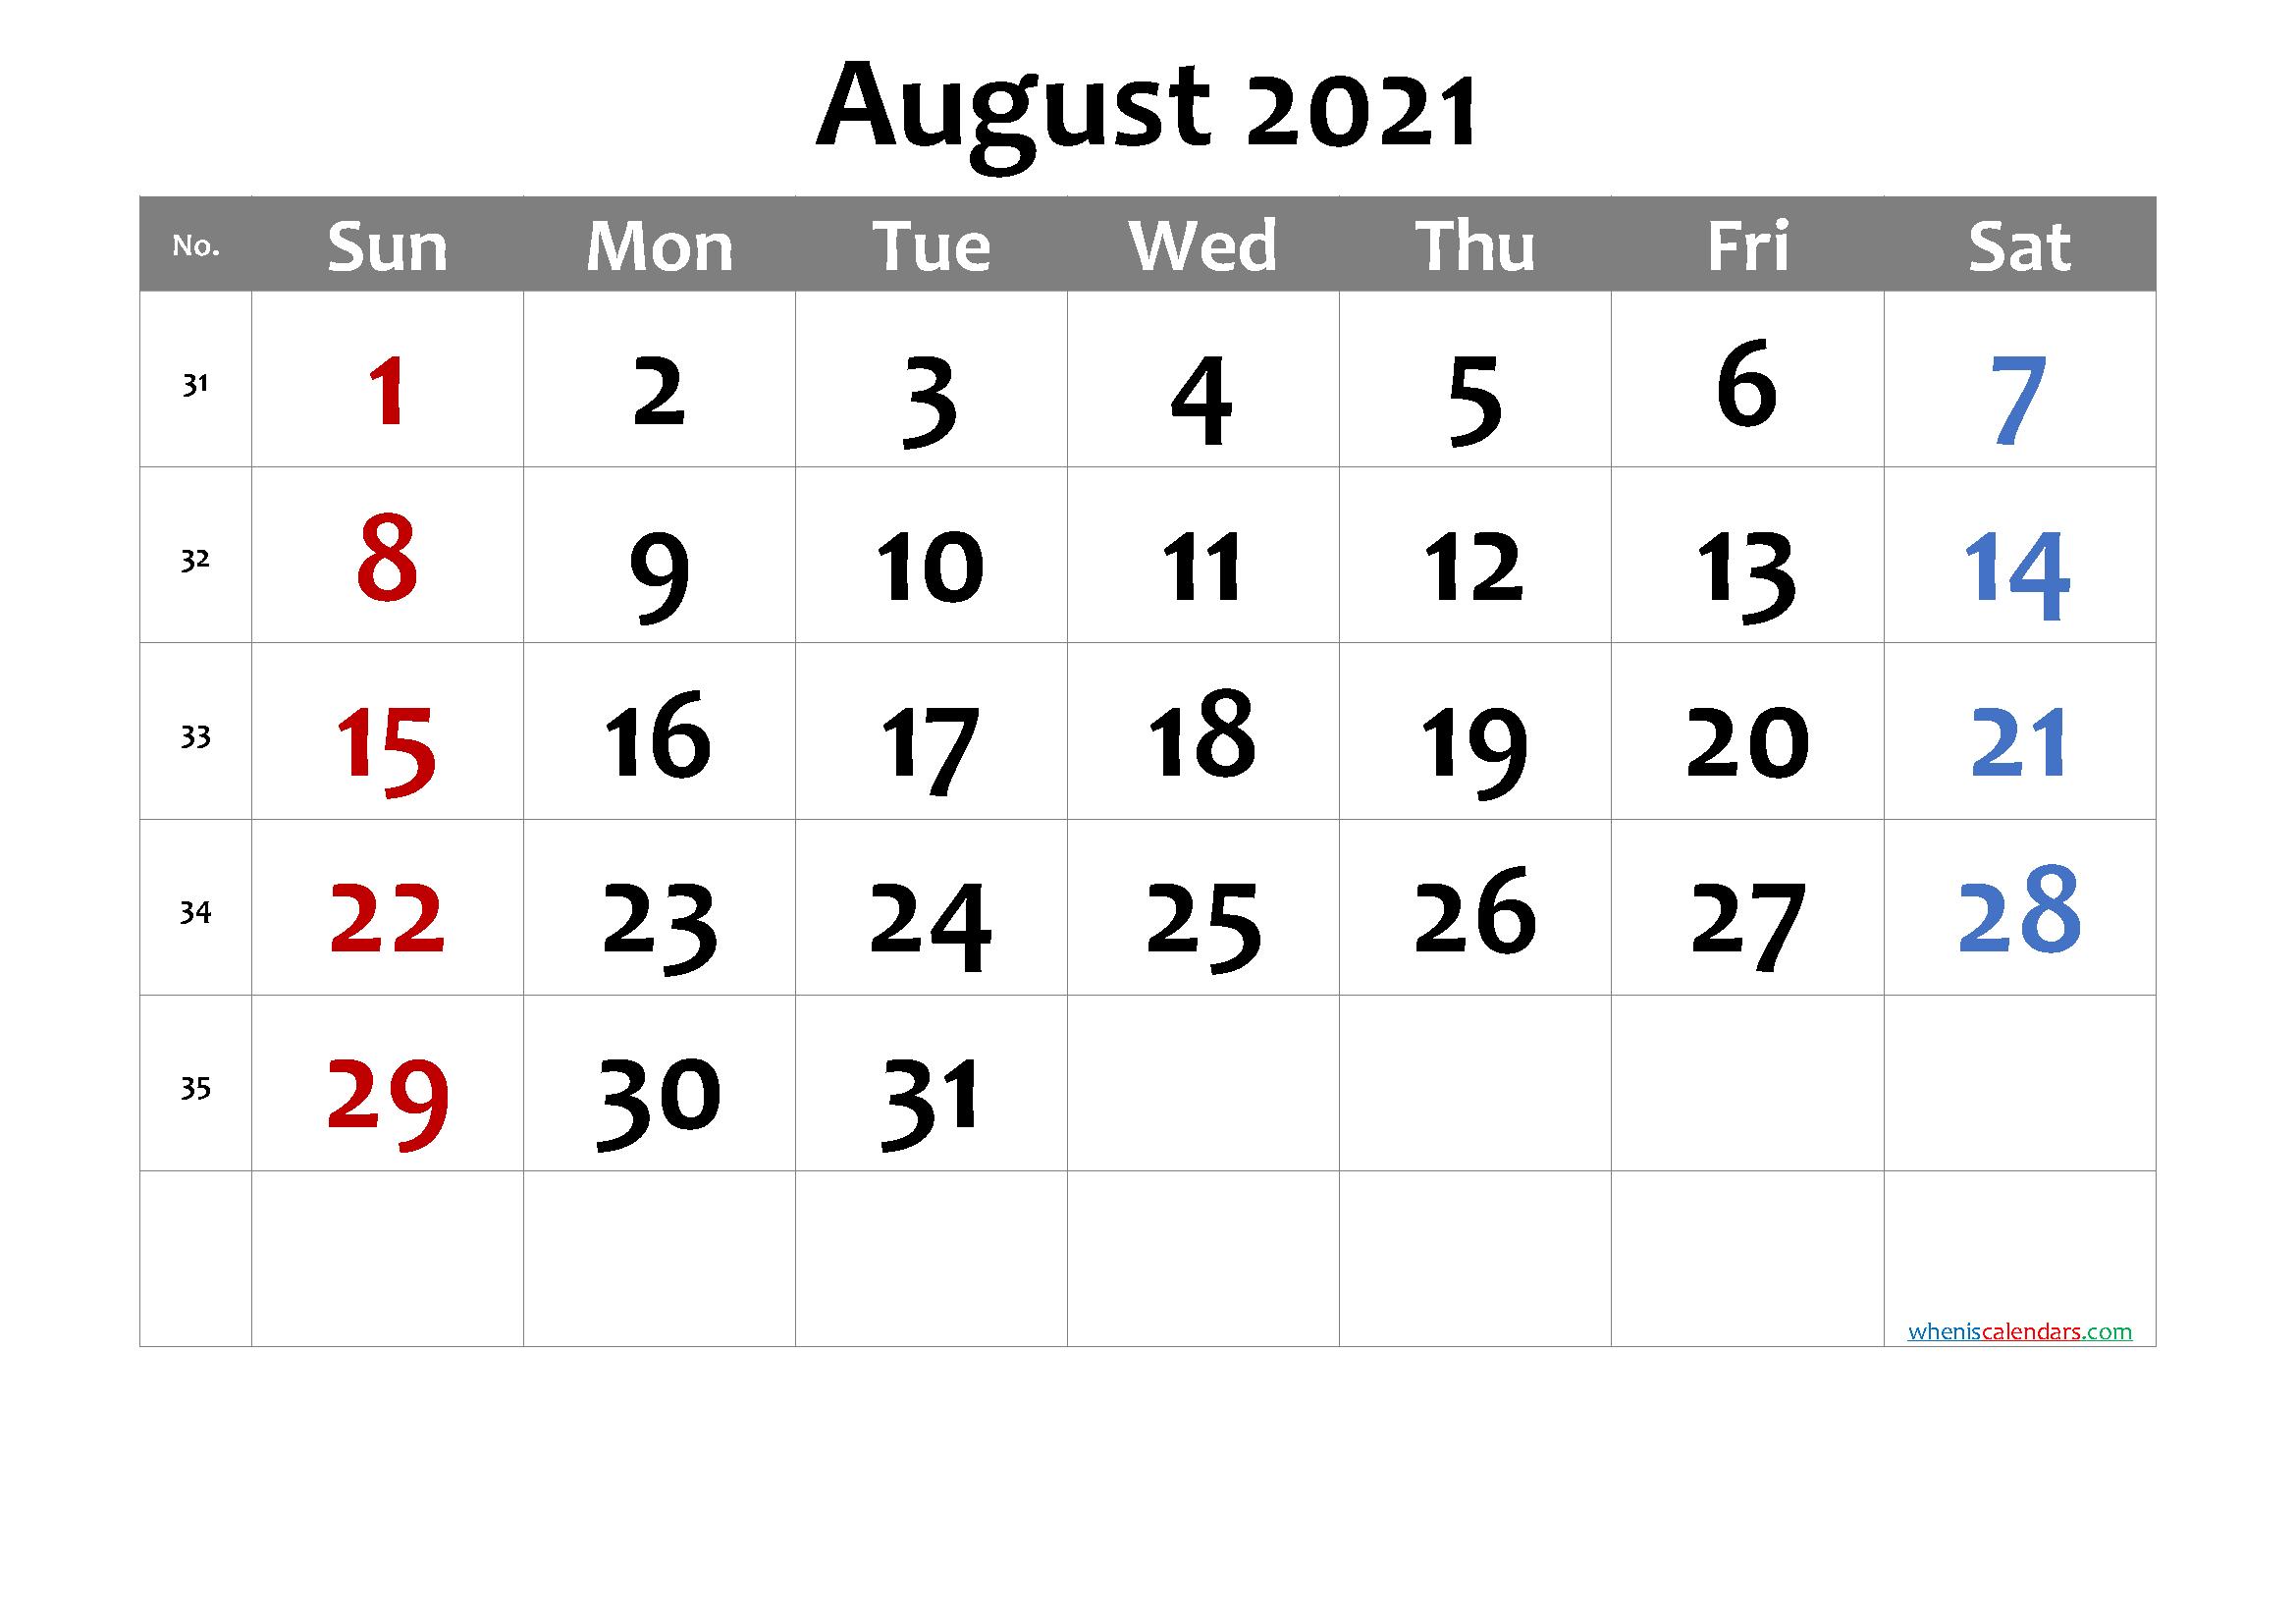 Free Printable August 2021 Calendar with Week Numbers